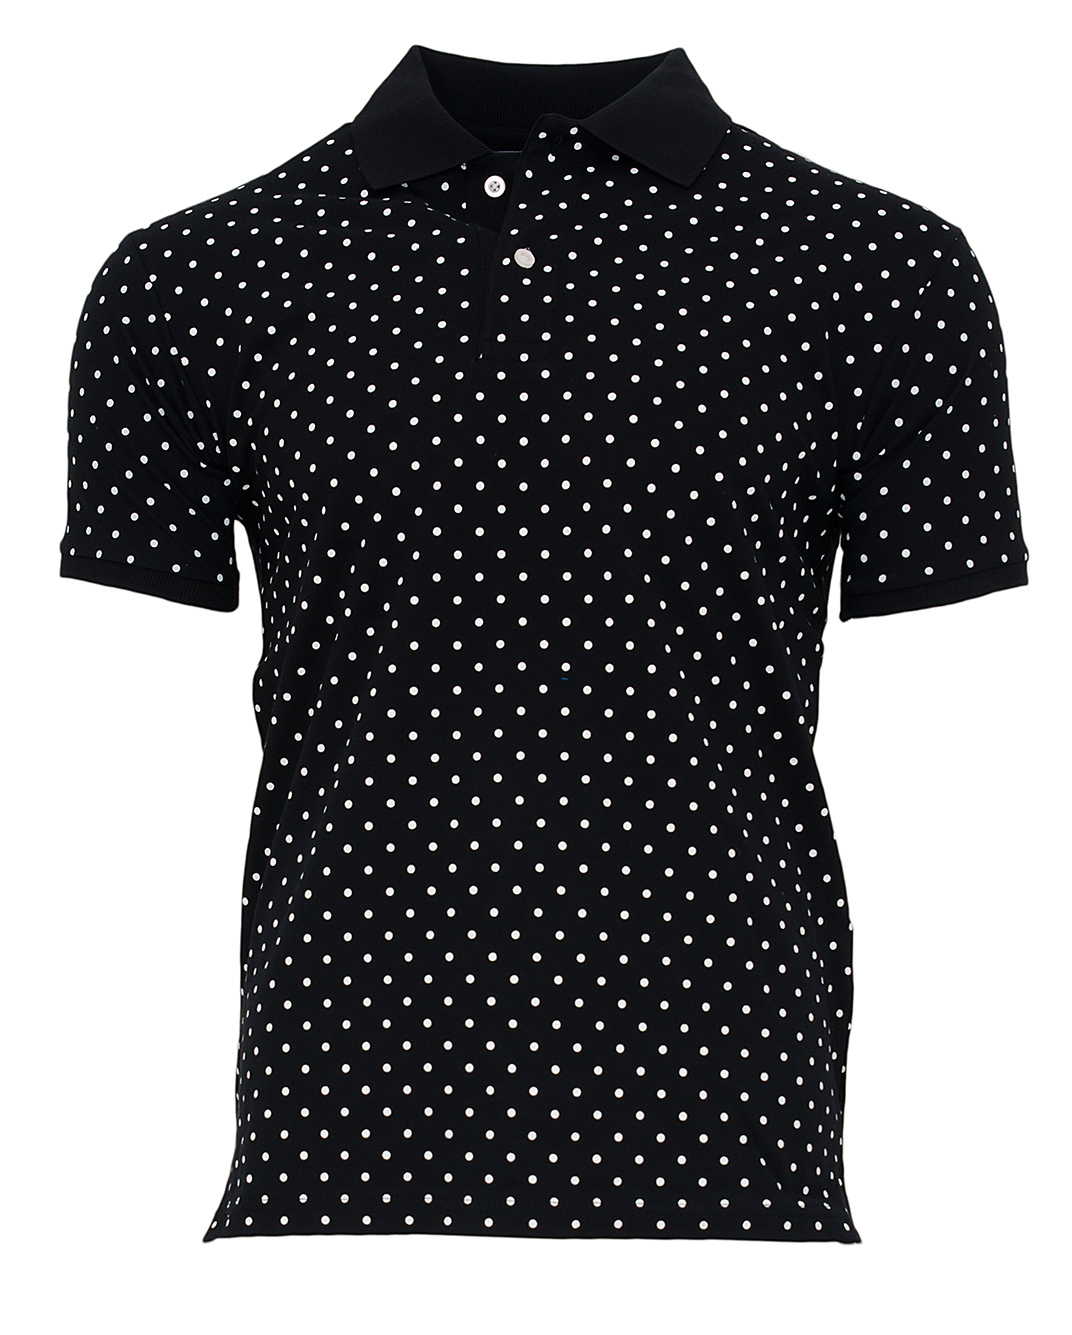 Ανδρικό Polo Ζen Poua-Μαύρο αρχική ανδρικά ρούχα polo